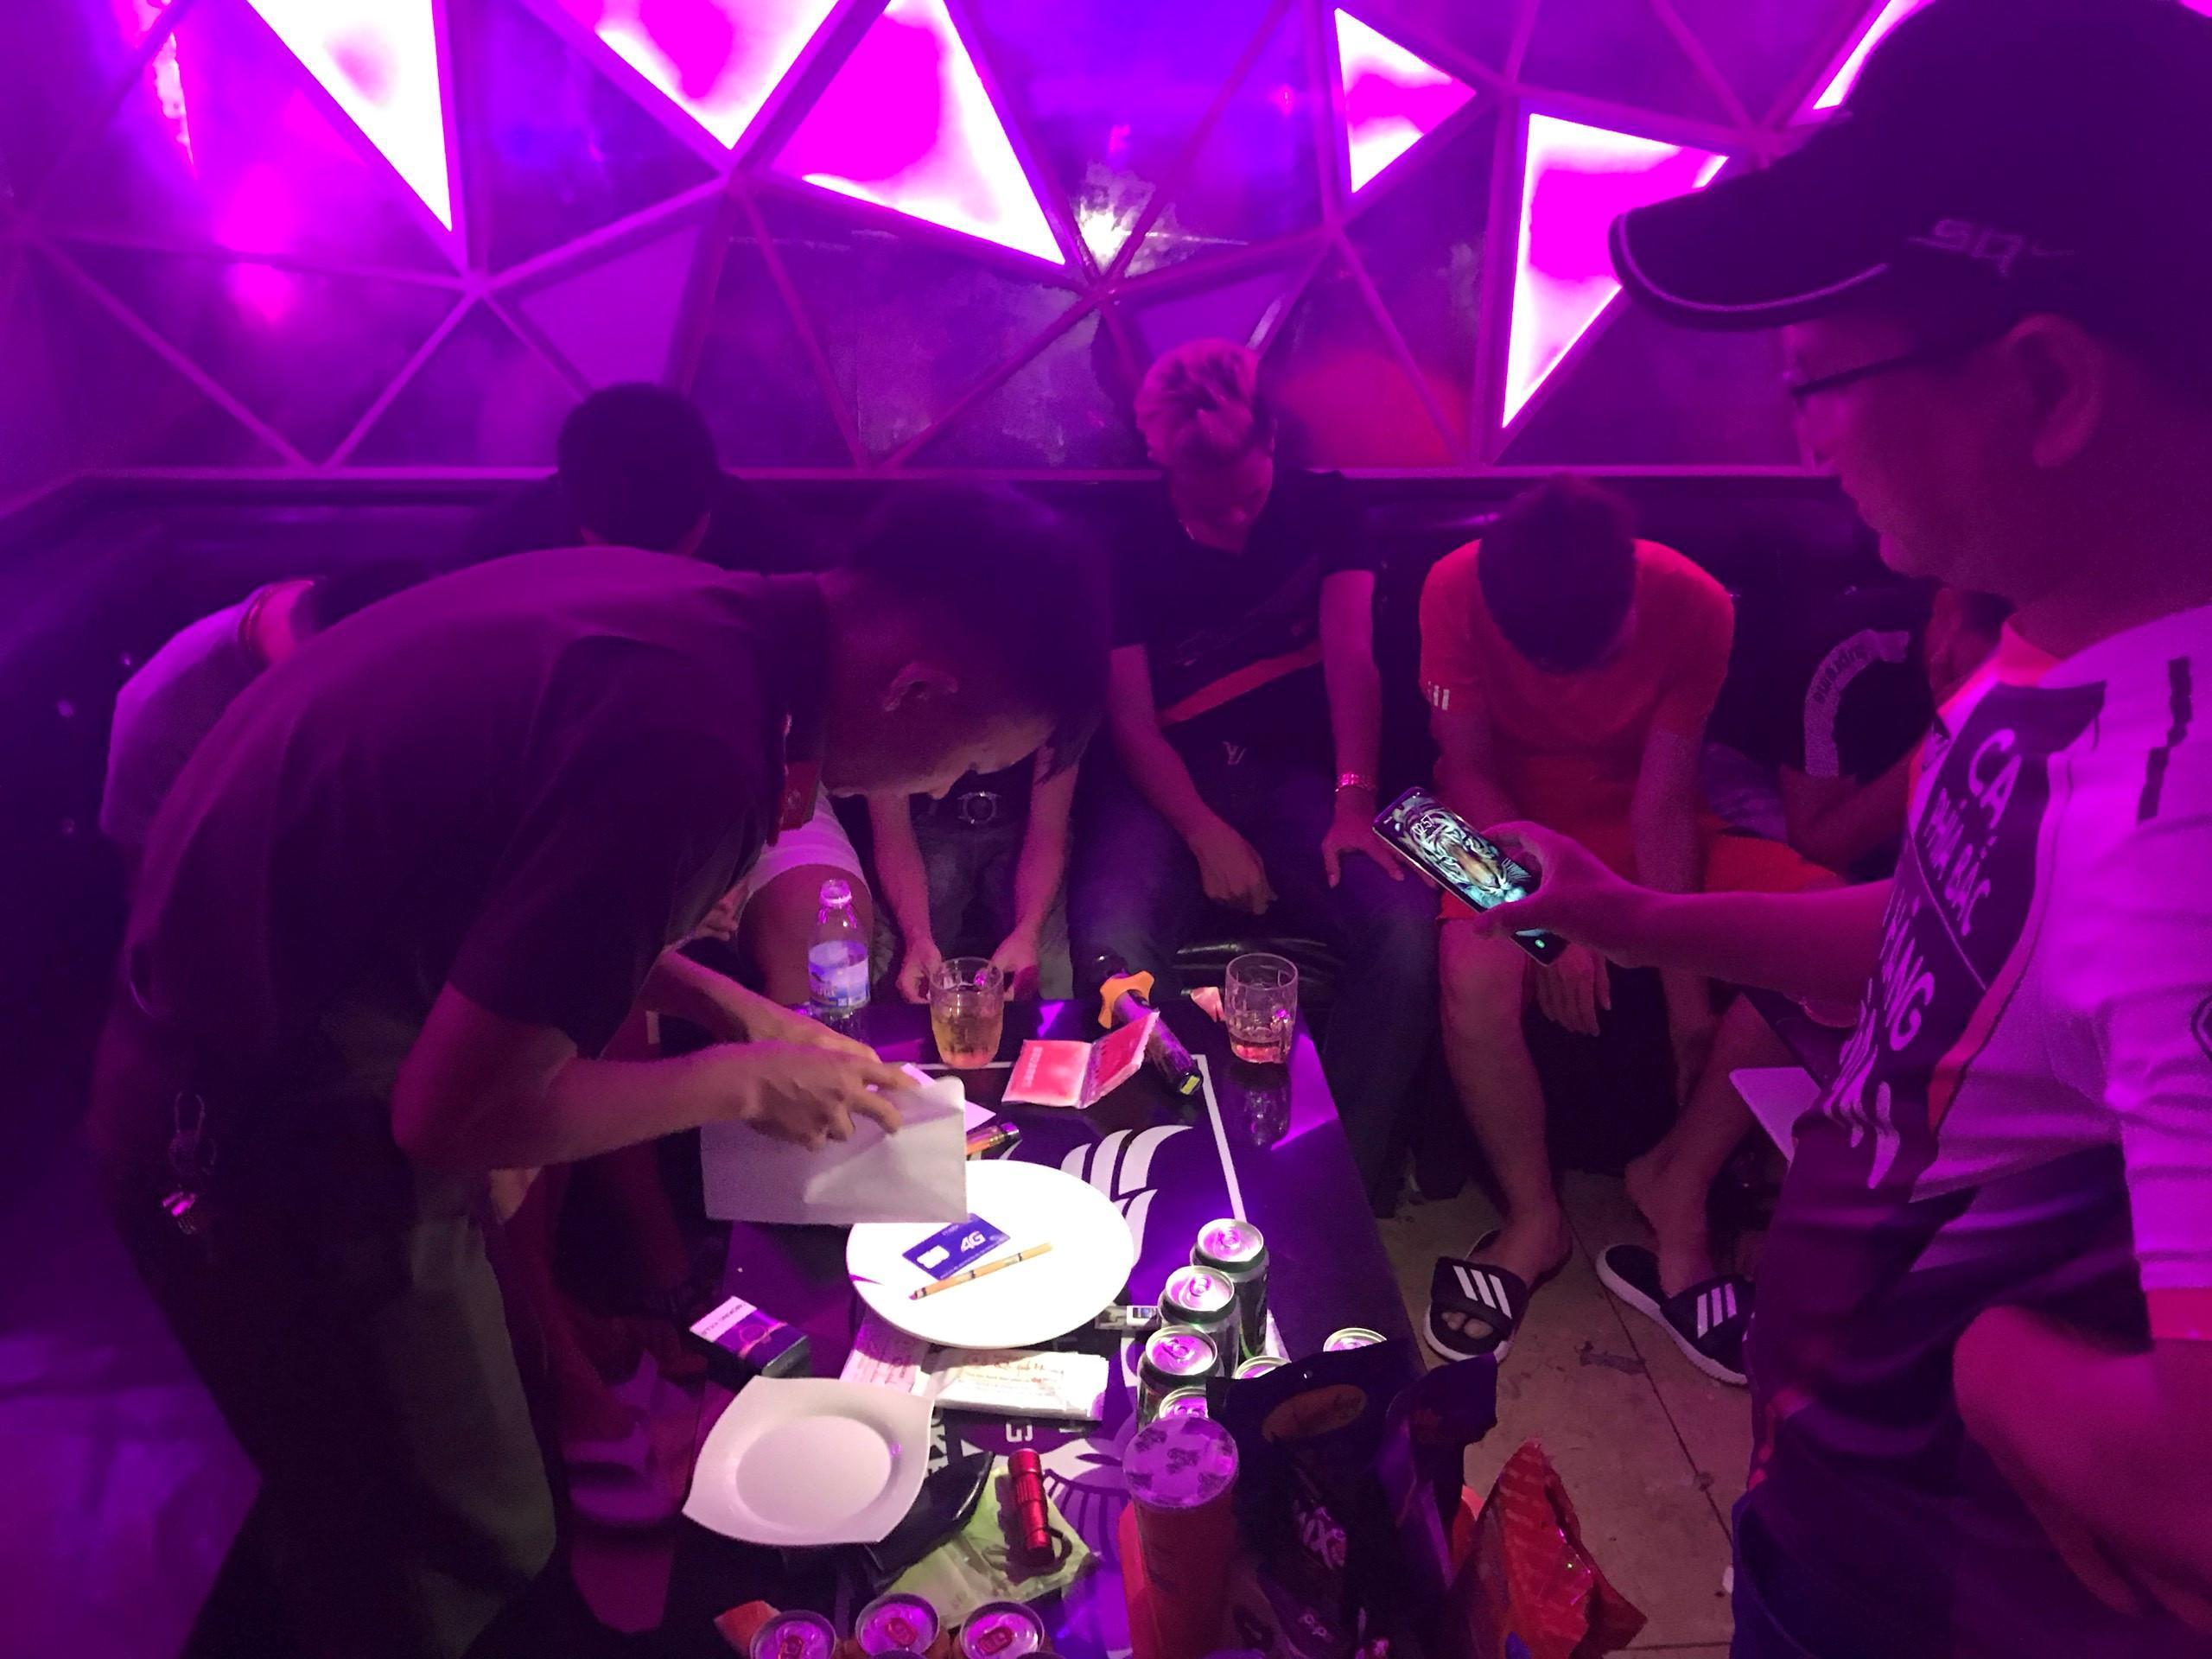 Kiểm tra karaoke ở Huế, phát hiện 47 nam nữ 'chơi' ma túy Ảnh 1